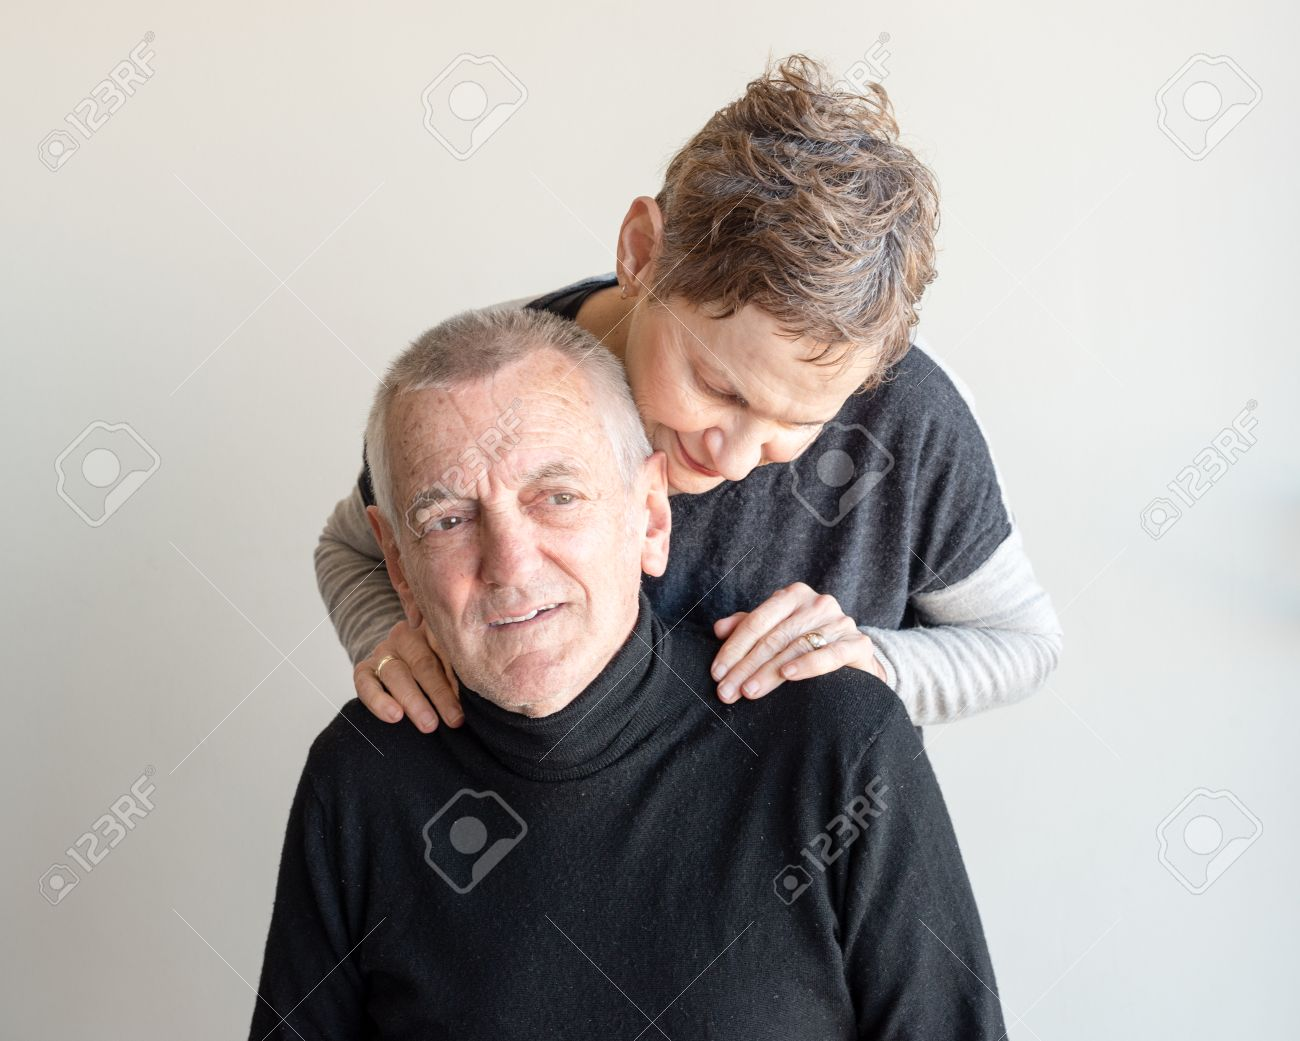 Immagini Stock Uomo Più Anziano Con I Capelli Grigi Corti E Top